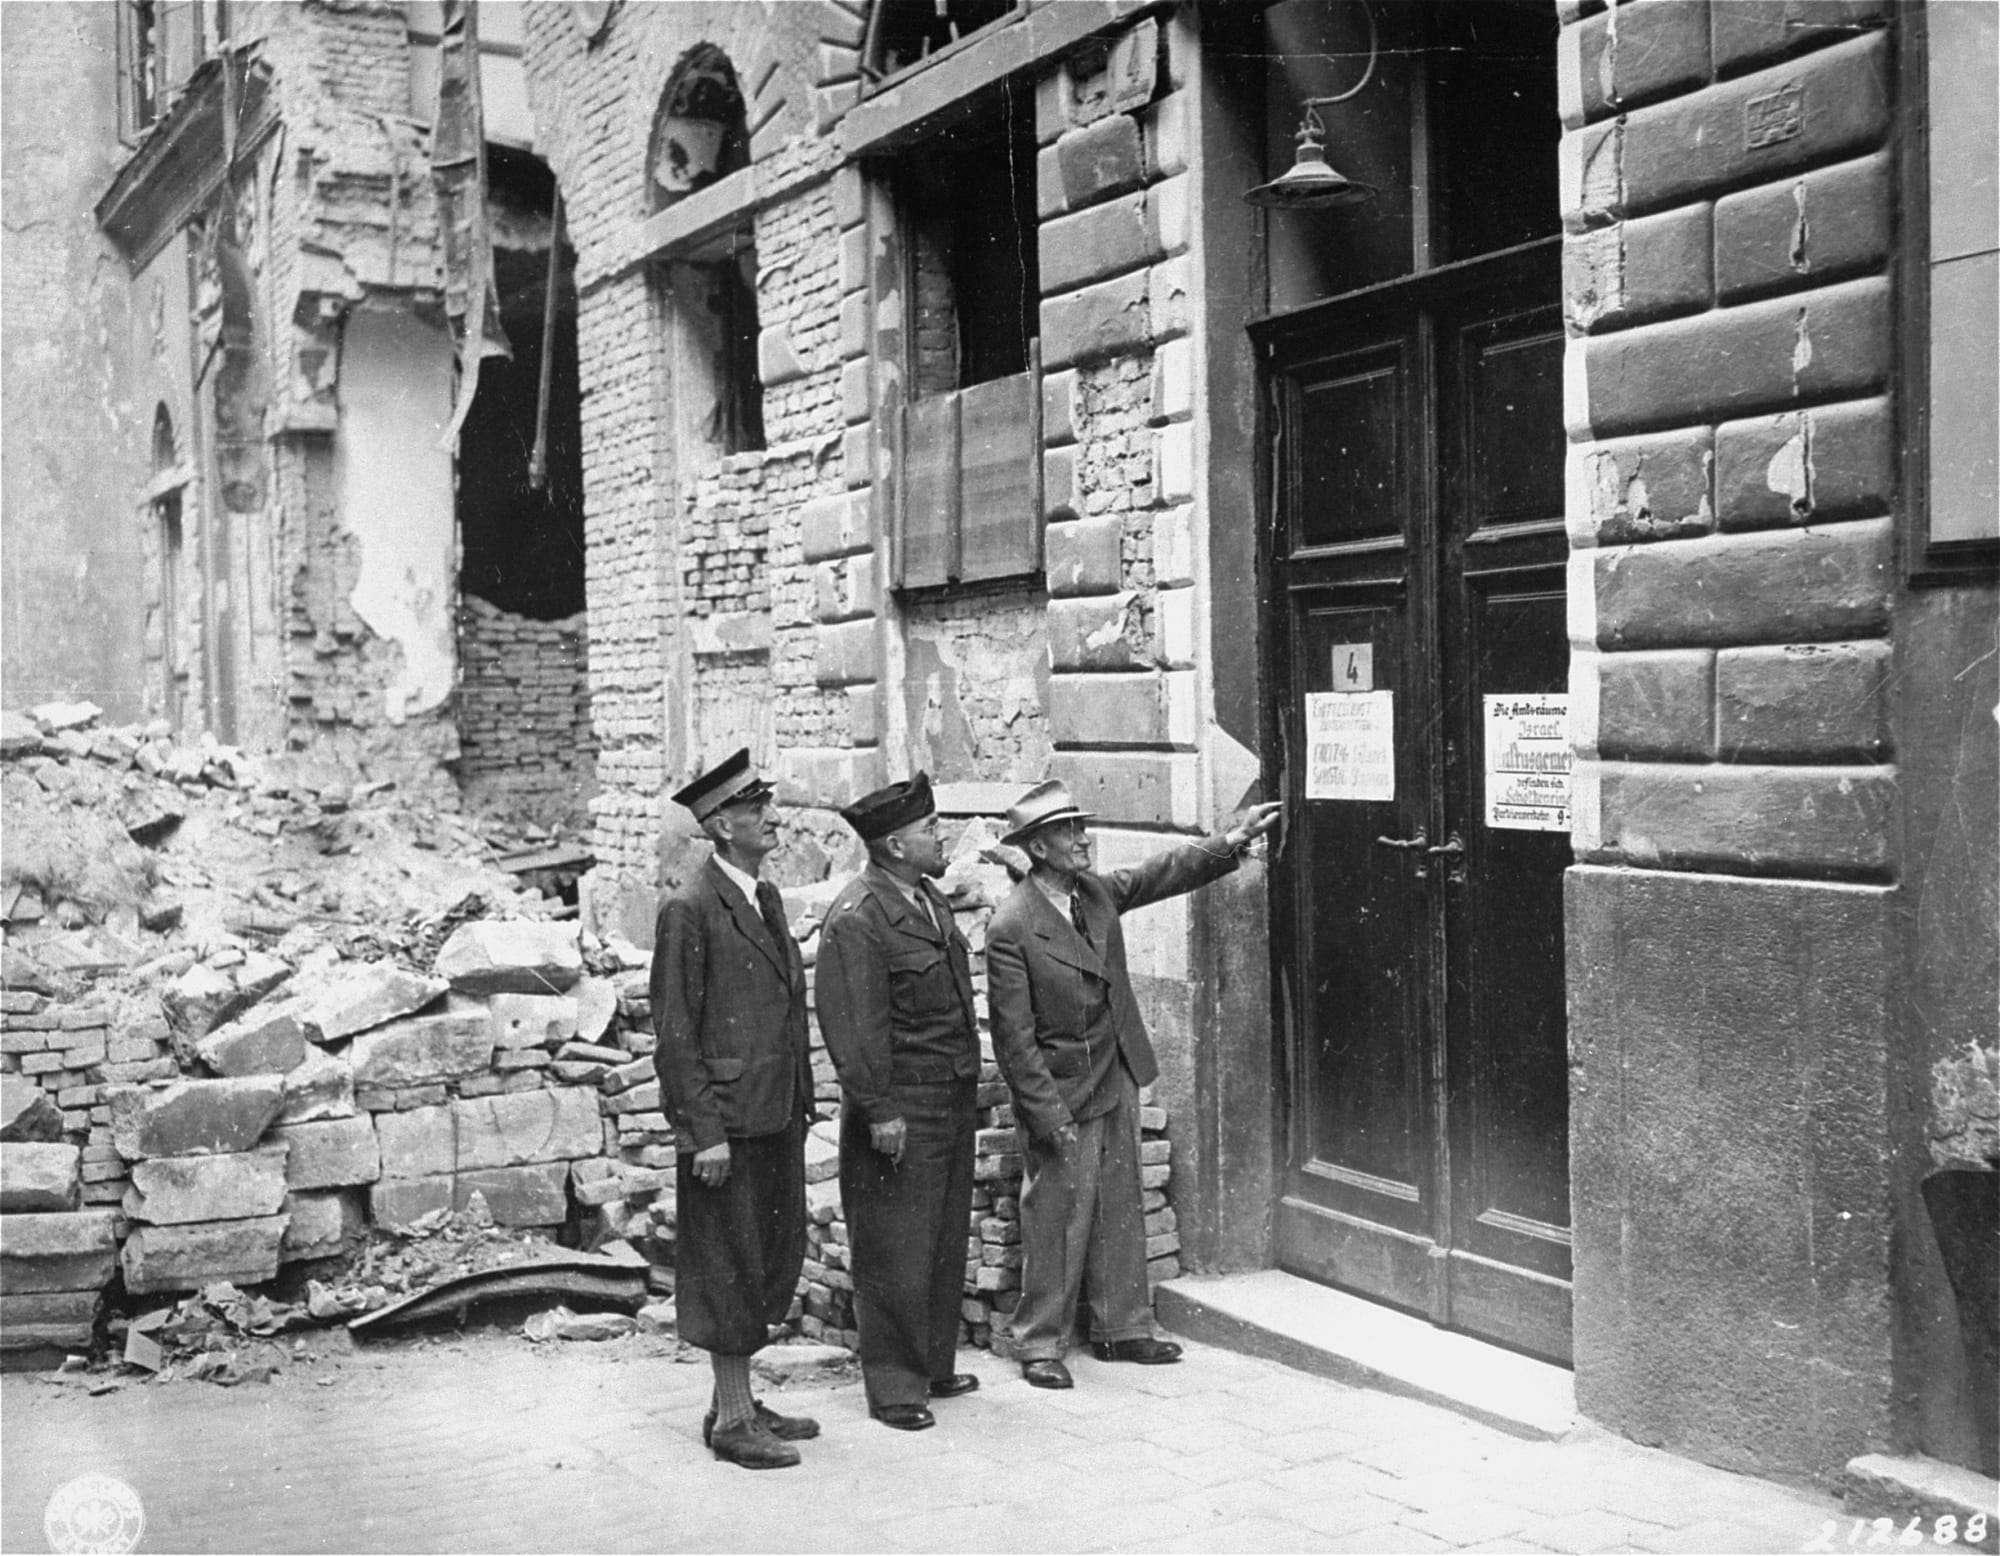 Kristallnacht Vienna Συναγωγή Βιέννη